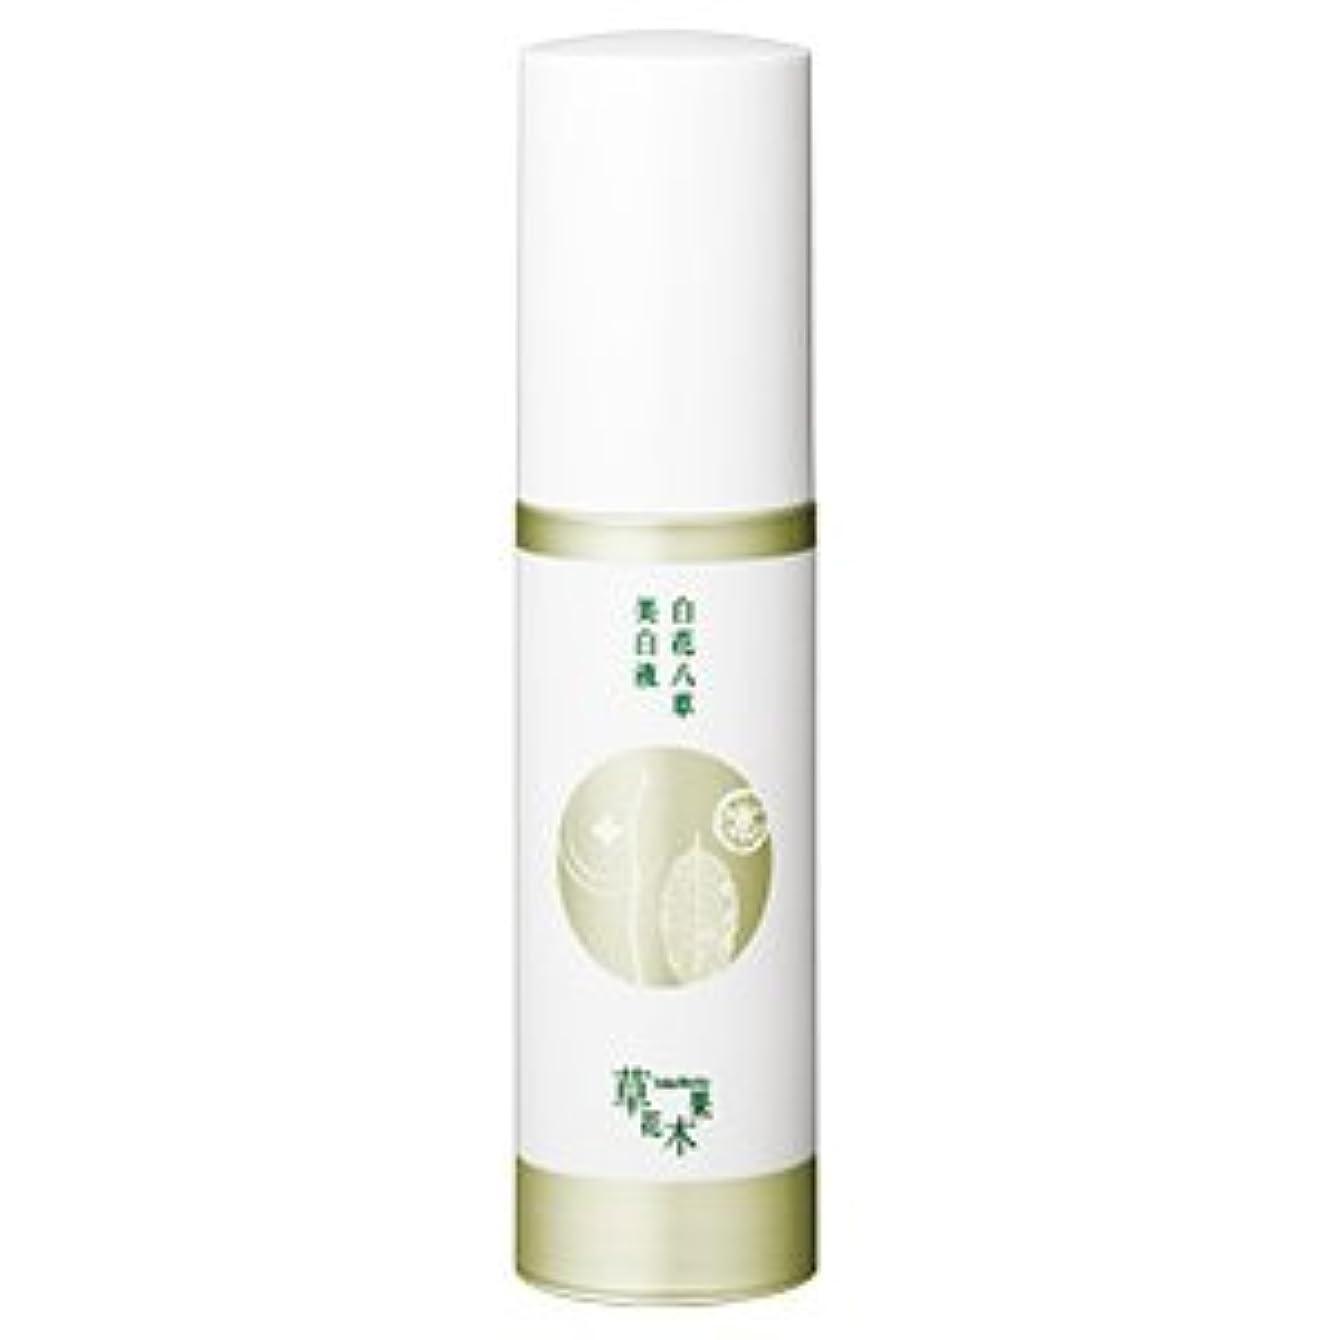 想像力豊かな酸化する配分草花木果(そうかもっか) 白花八草美白液(医薬部外品) 30mL